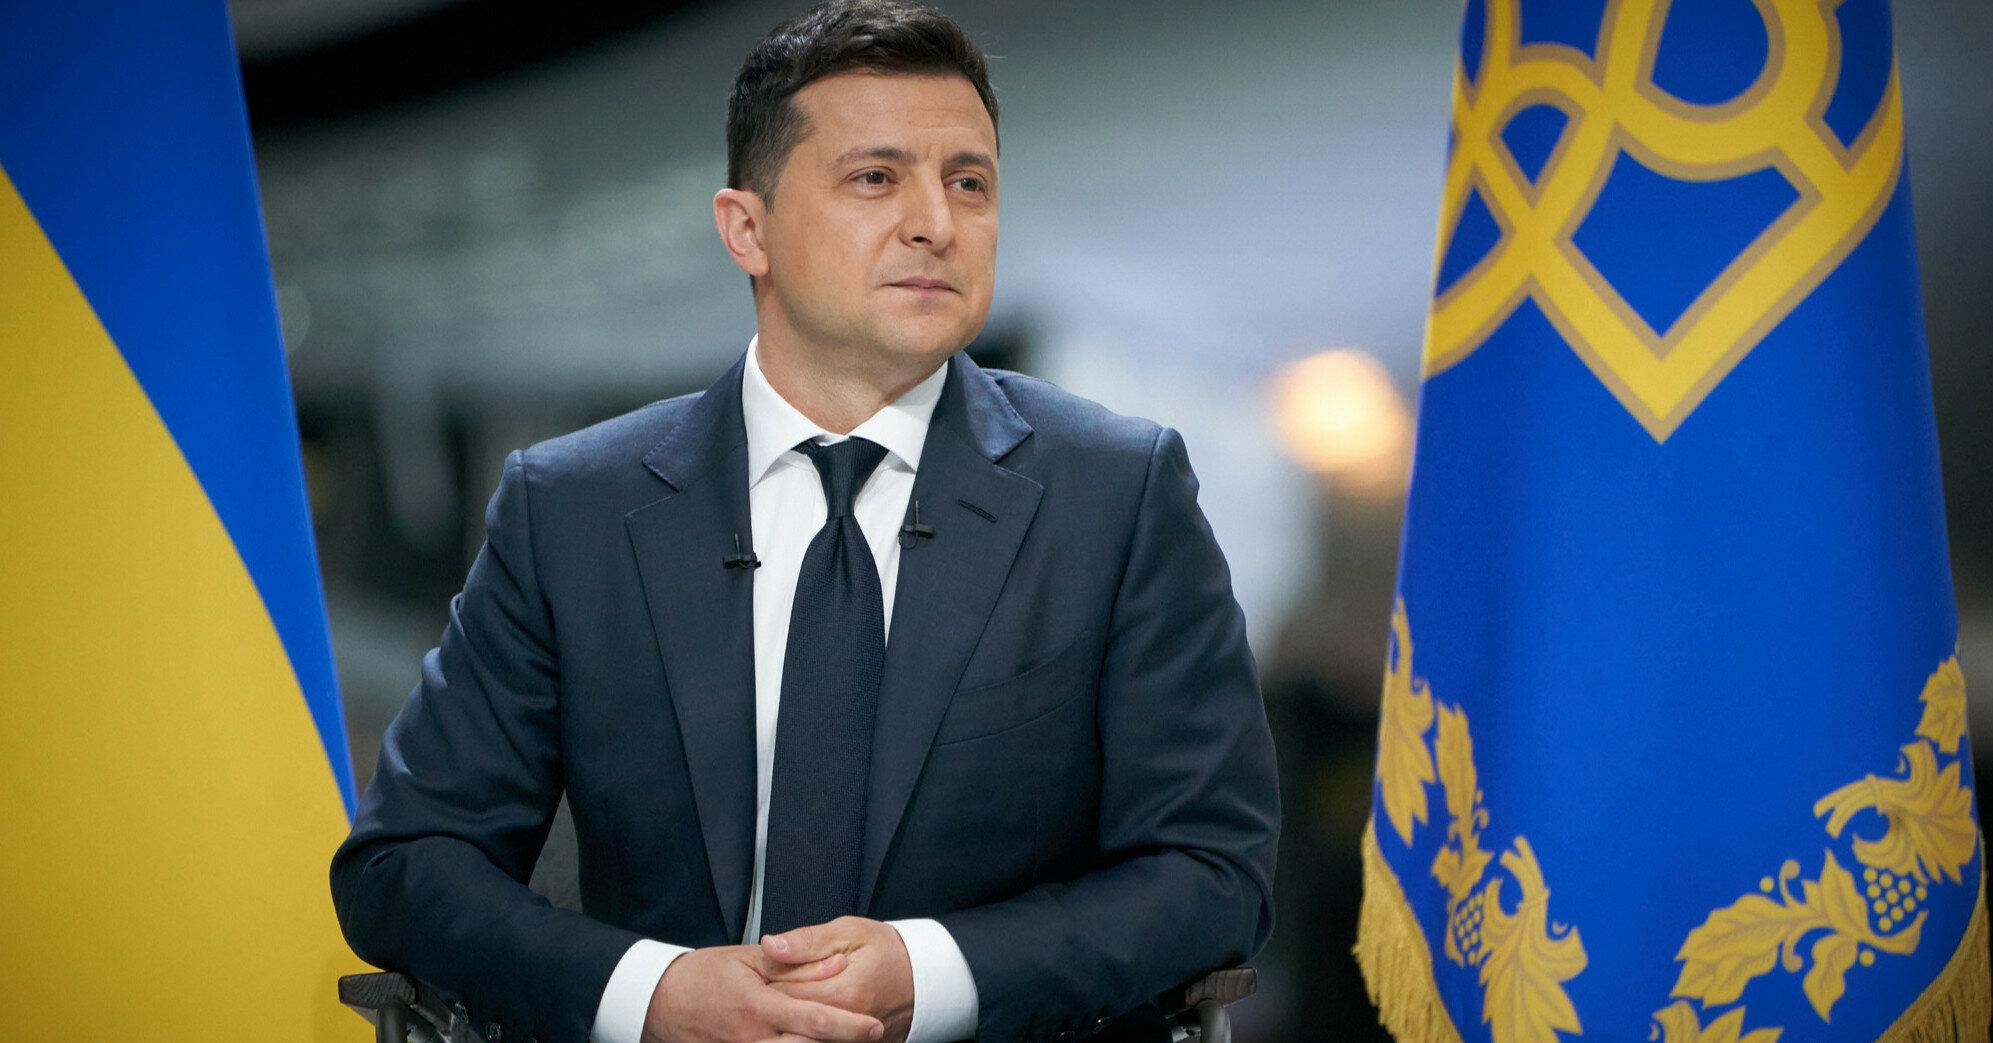 Зеленский наградил 12 украинских воинов